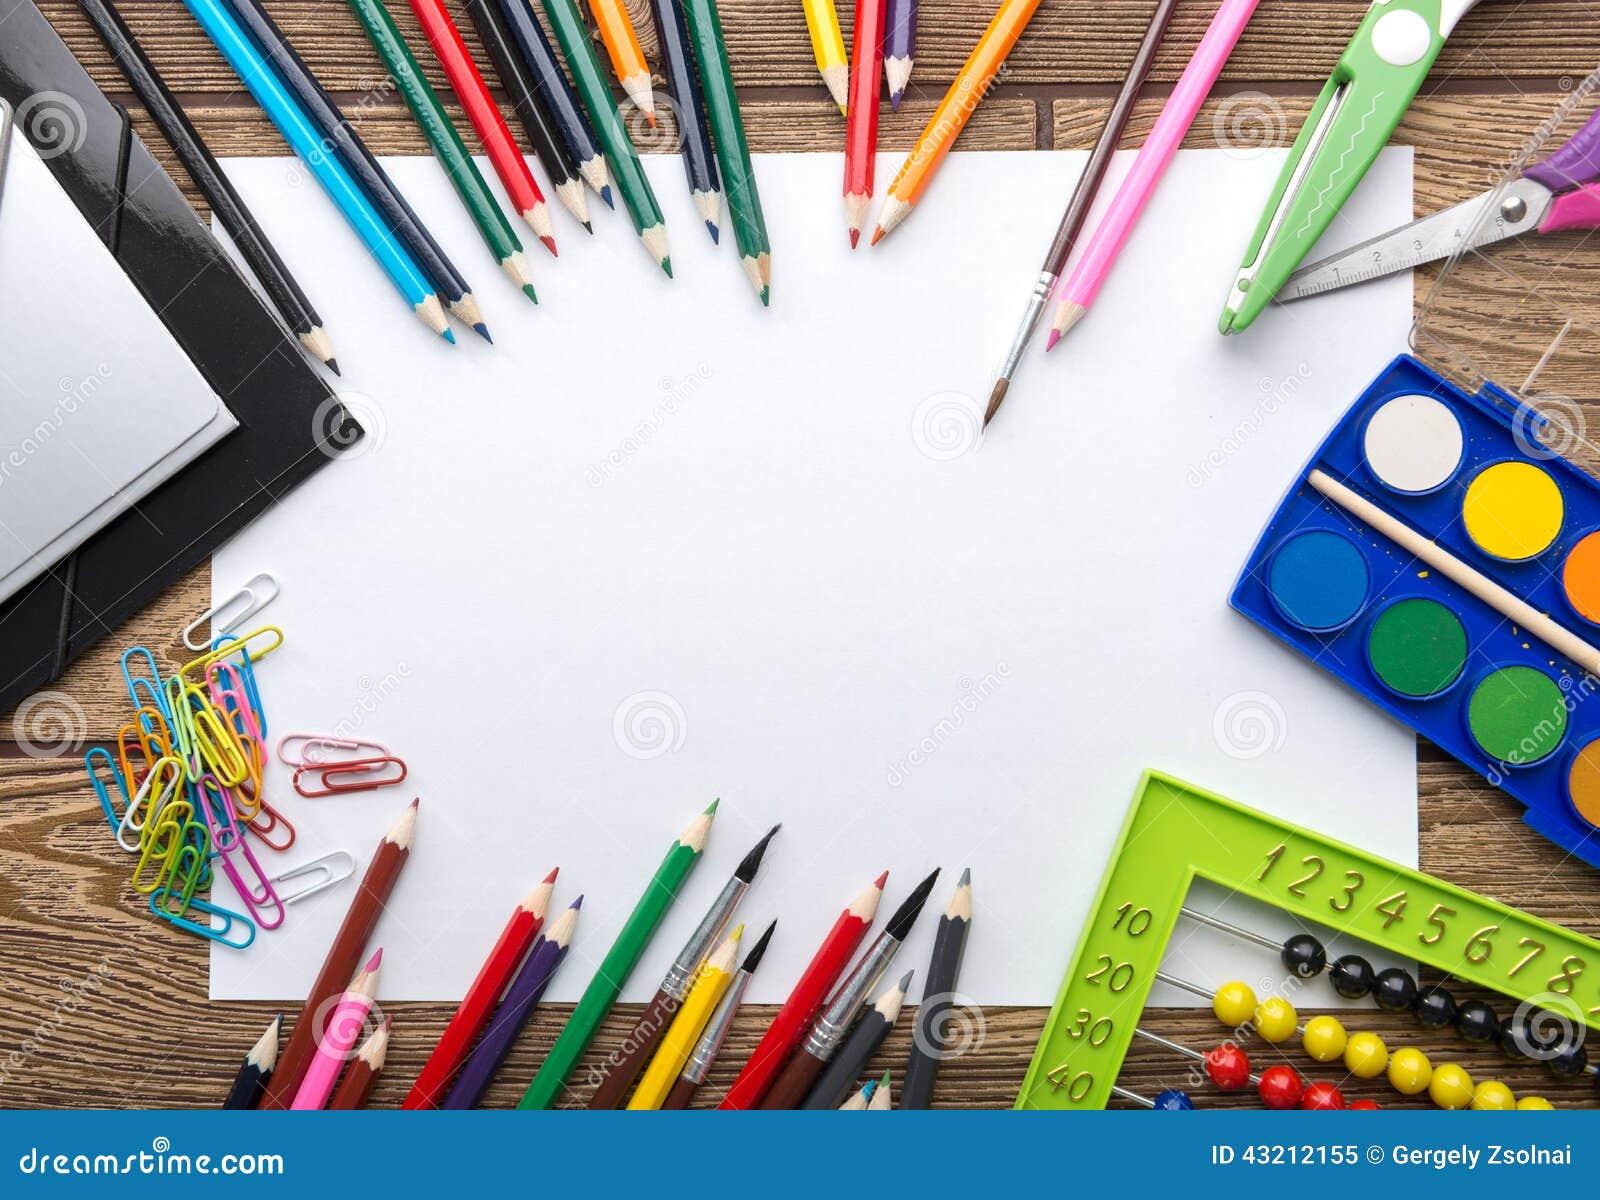 Marco de los efectos de escritorio de la escuela en fondo de madera: papel, lápiz, cepillo, tijeras, carpetas, ábaco,